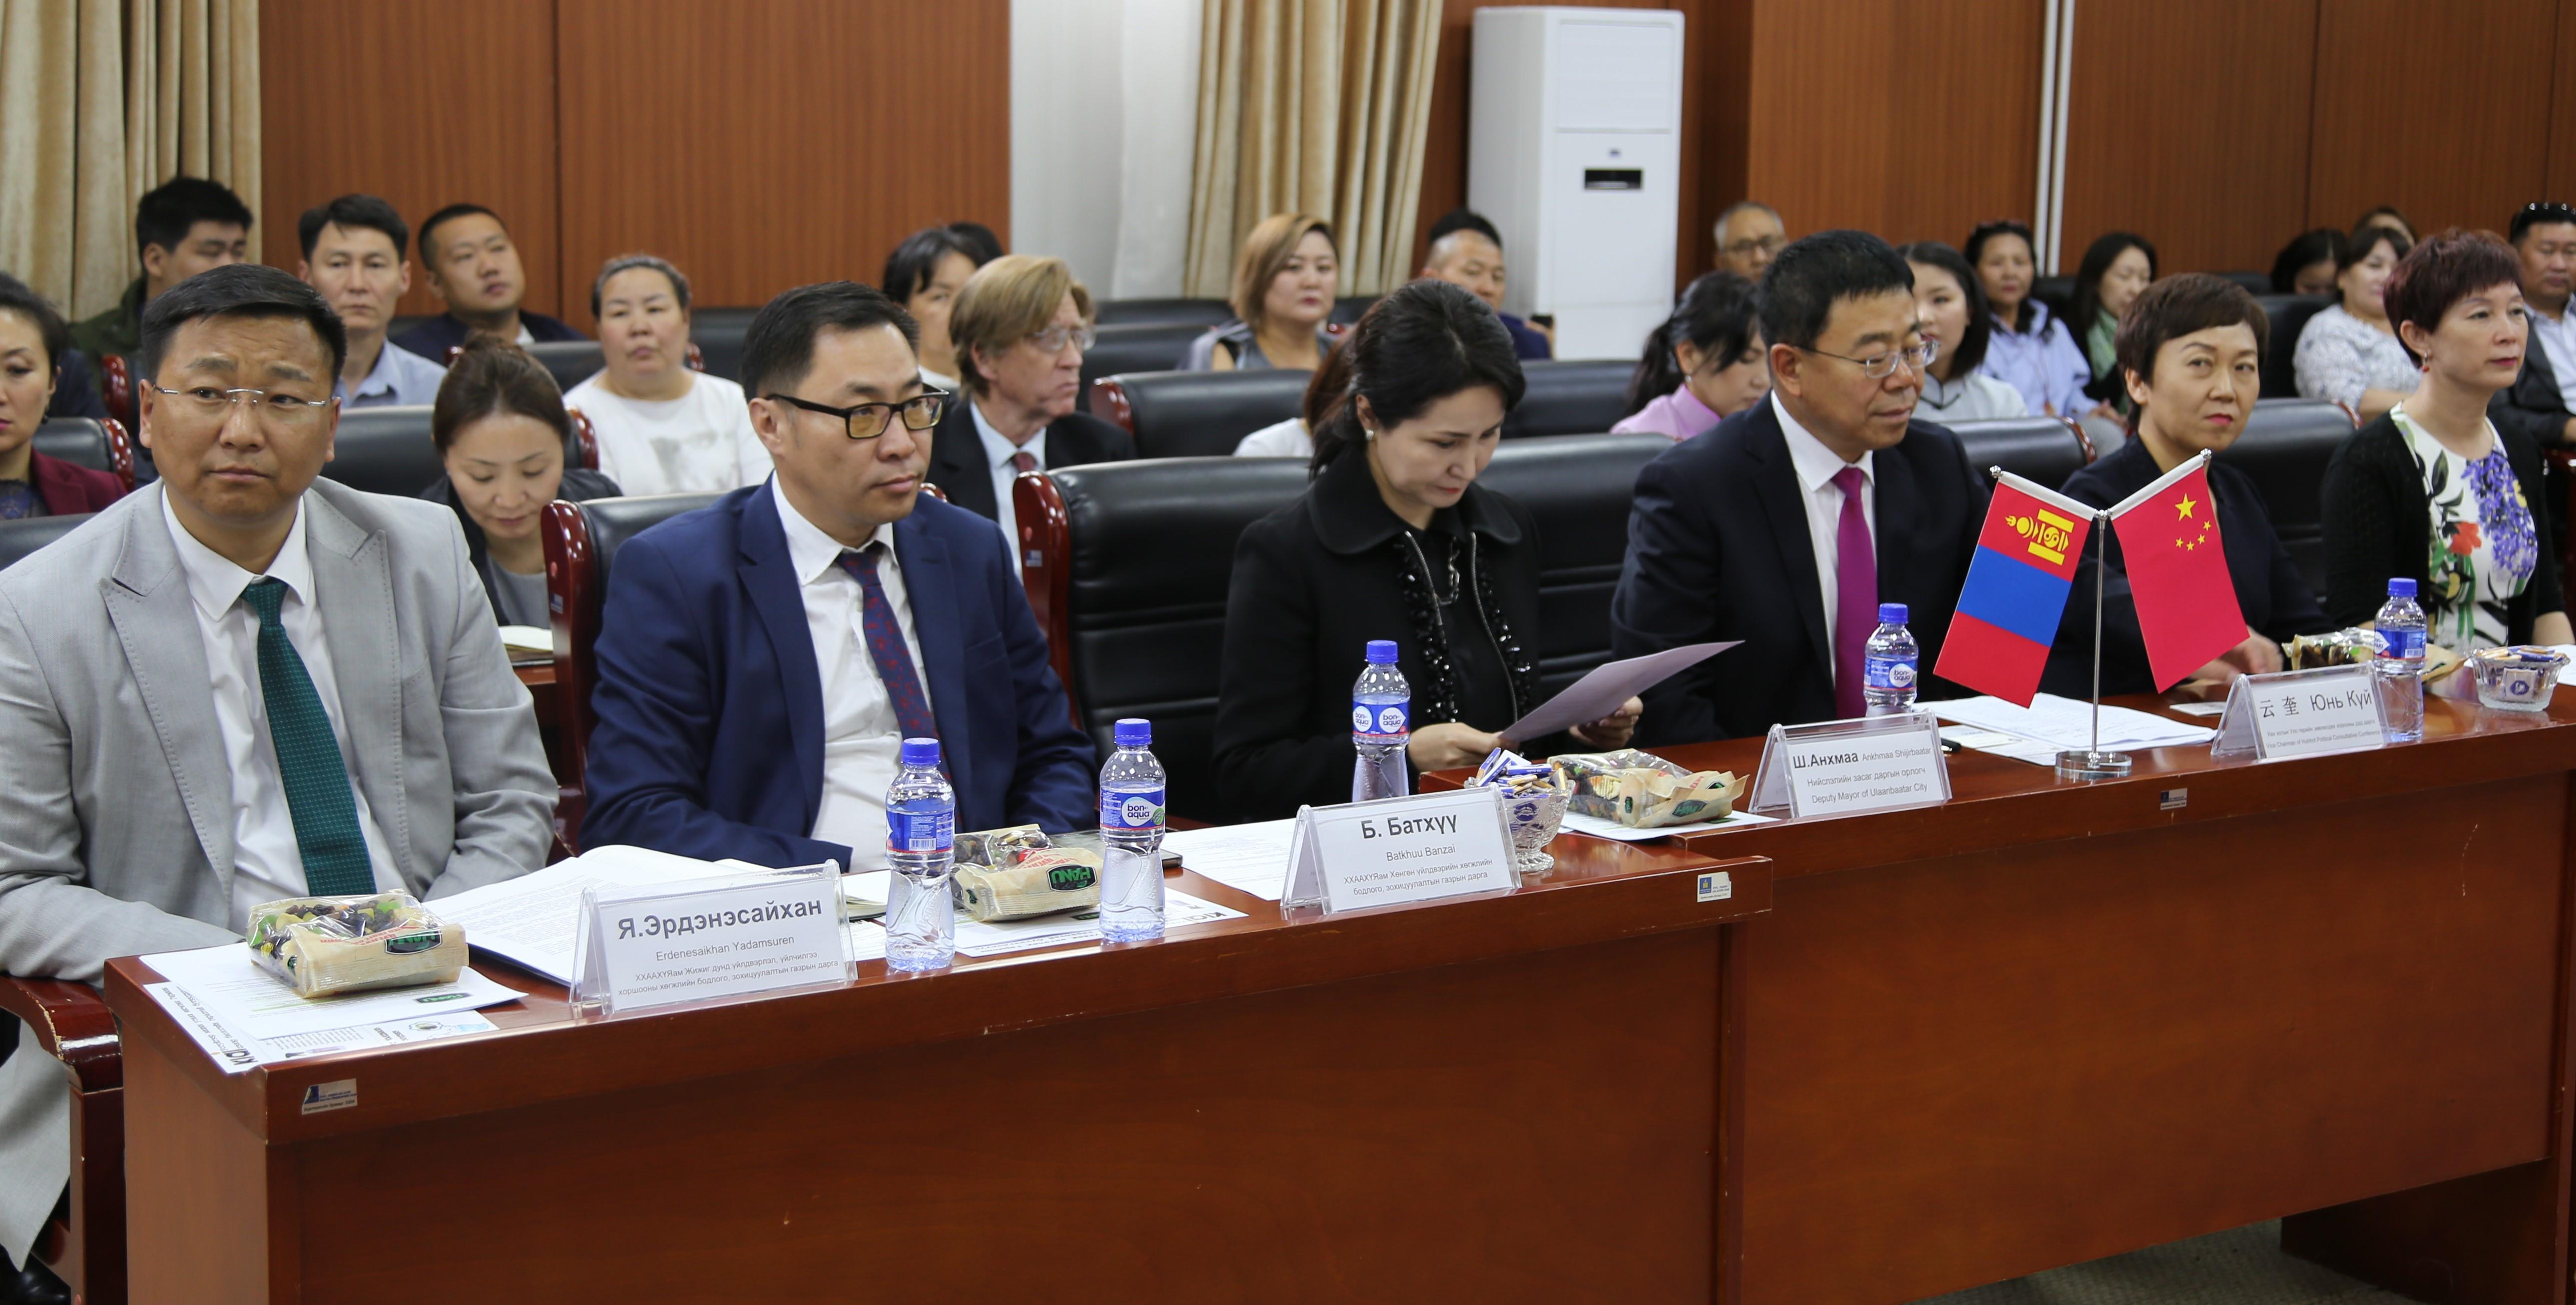 """Улаанбаатар, Хөх хотын эдийн засгийн түншлэлийг дэмжих """"Бизнес уулзалт-2019""""  боллоо"""